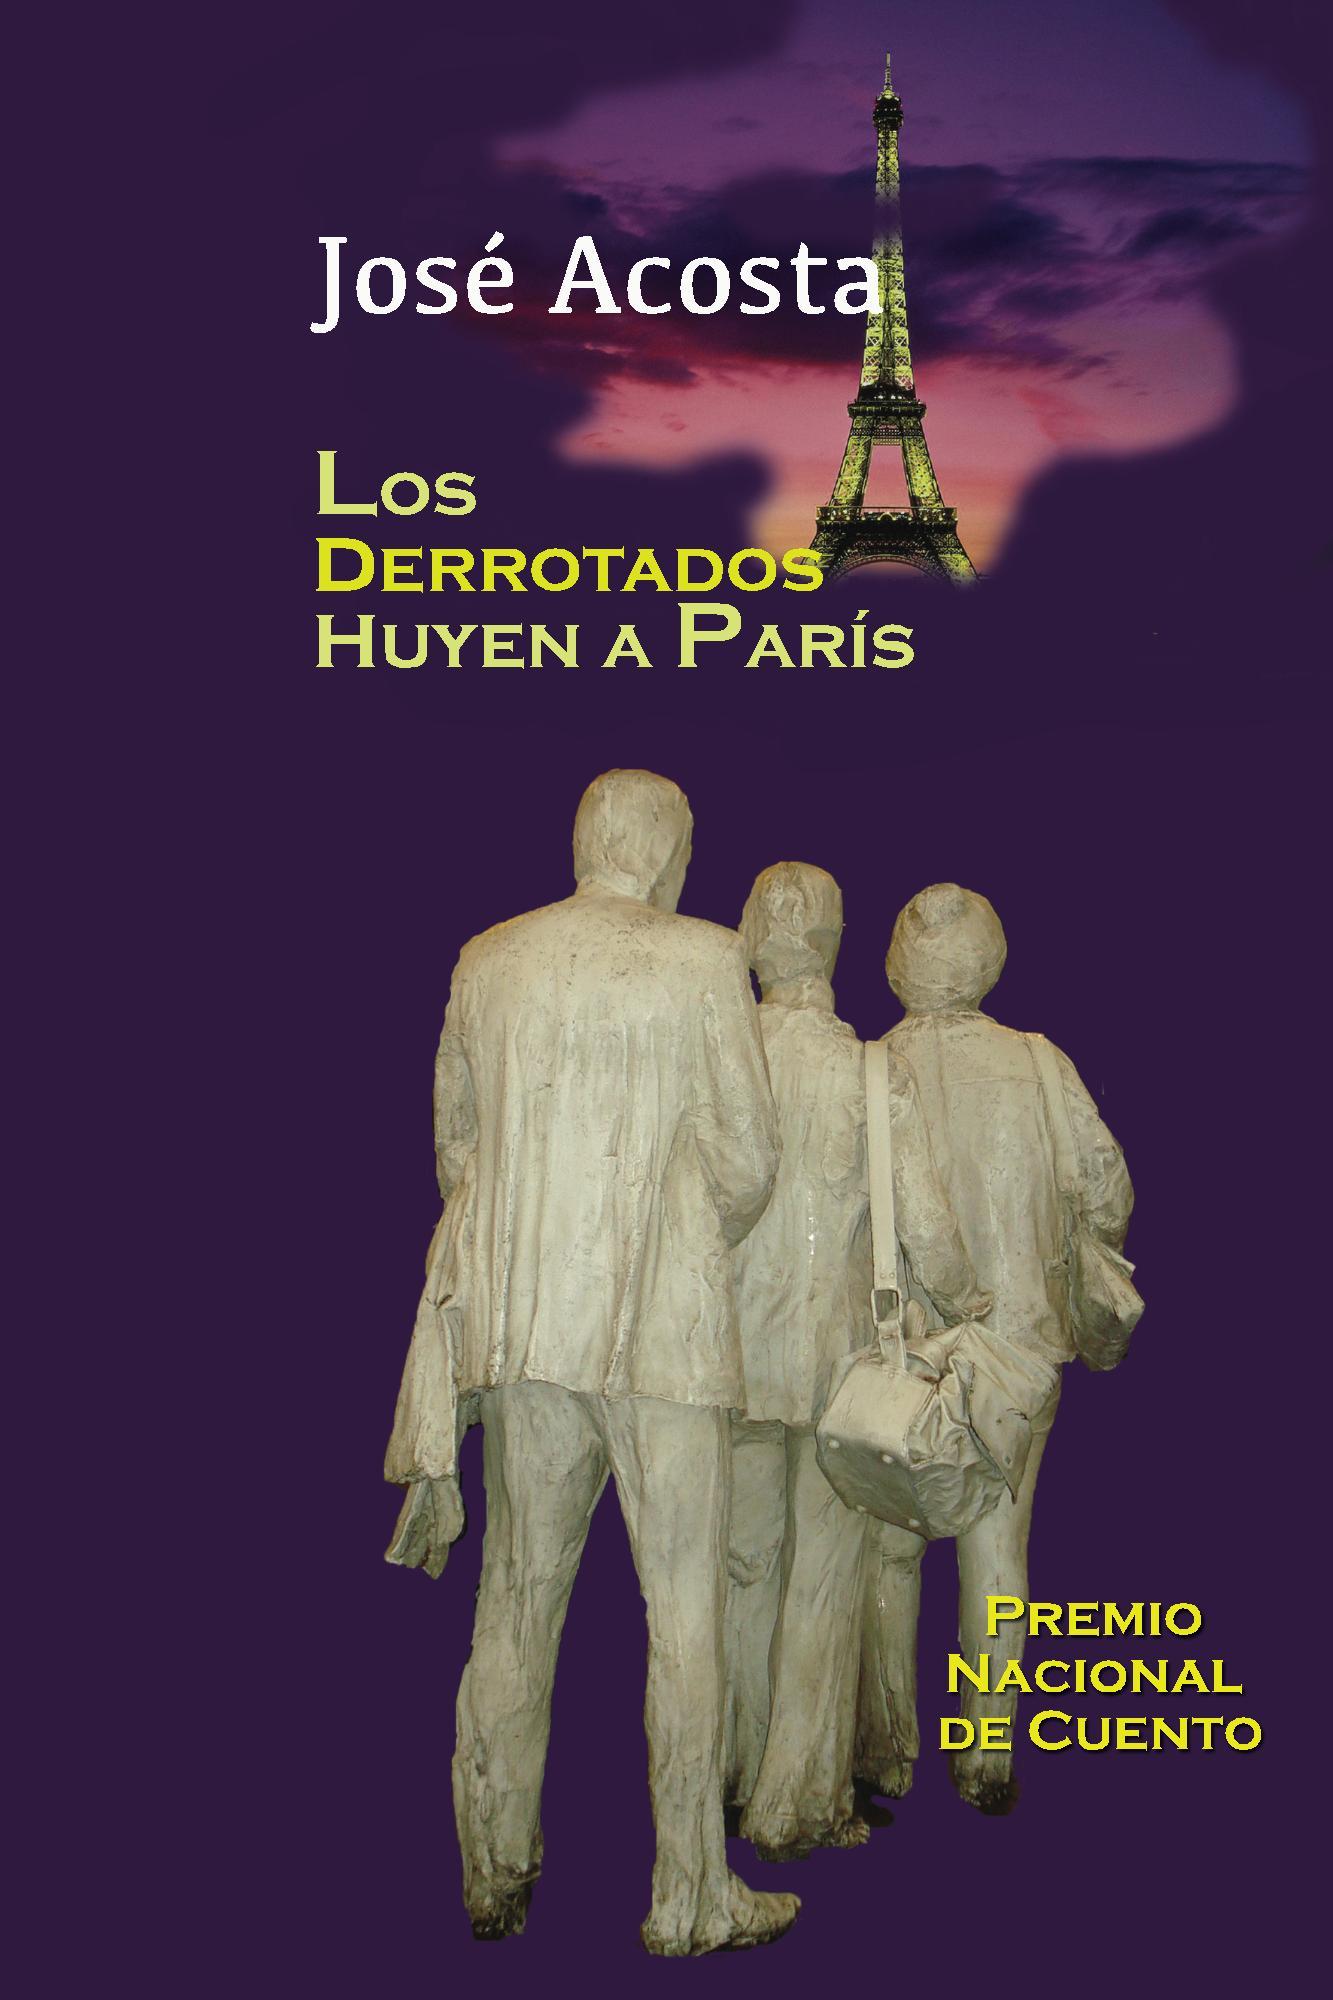 Publican  libro de cuentos Los derrotados huyen a París